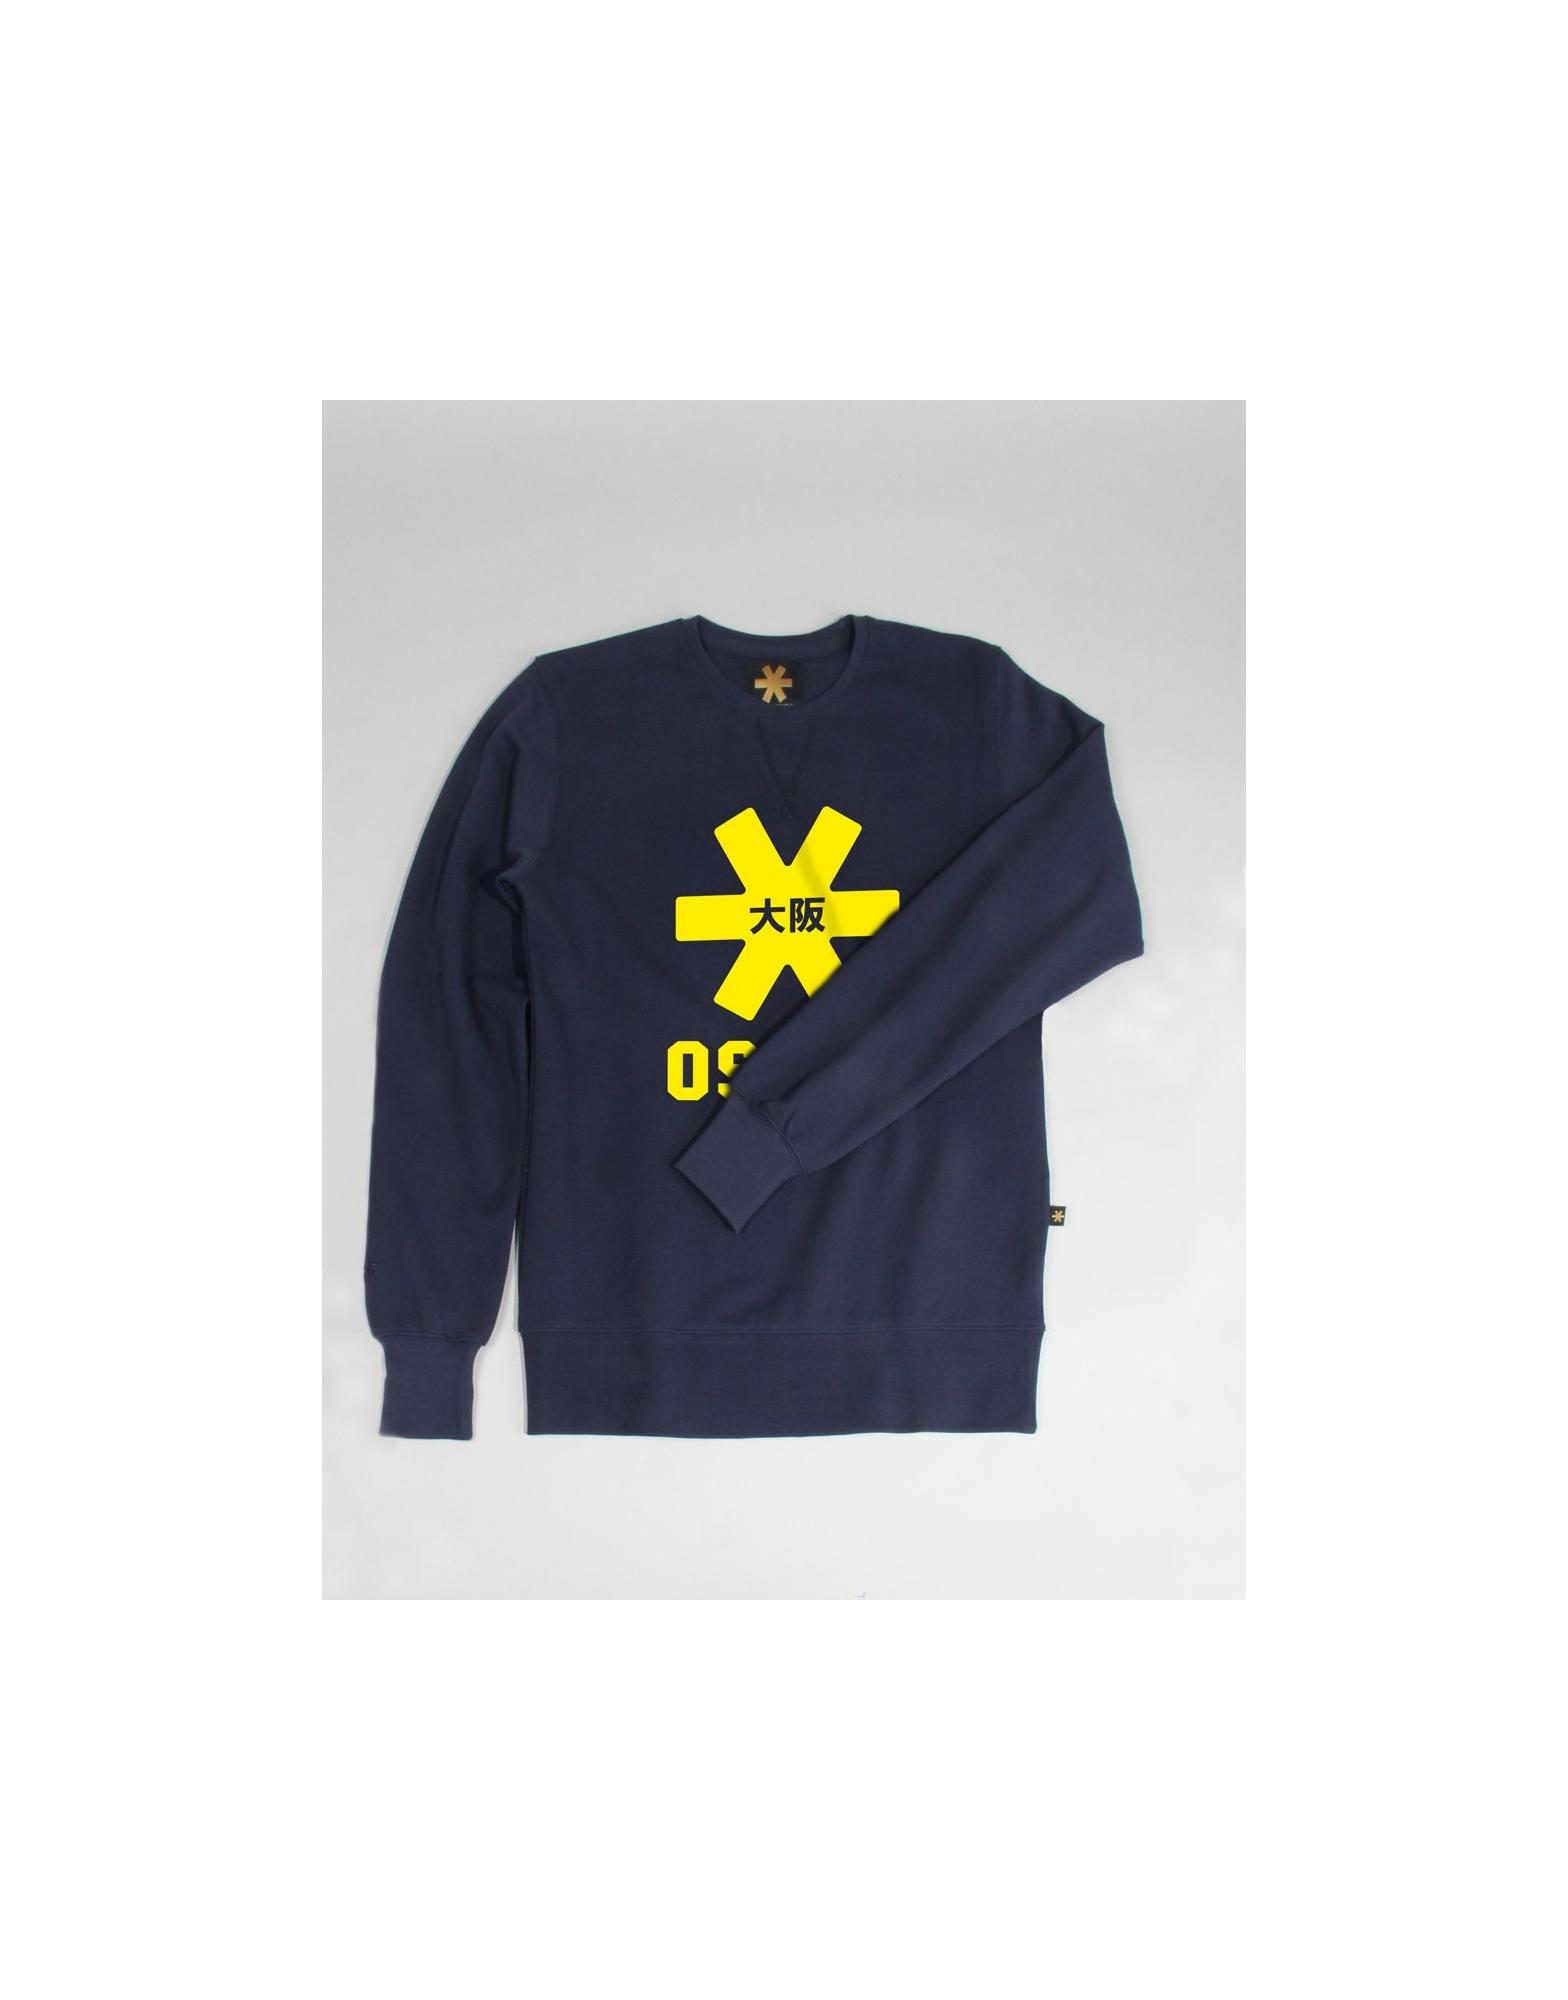 6cbc84b191b Osaka sweater kids div kleuren GELE STER - De Hockeyzaak